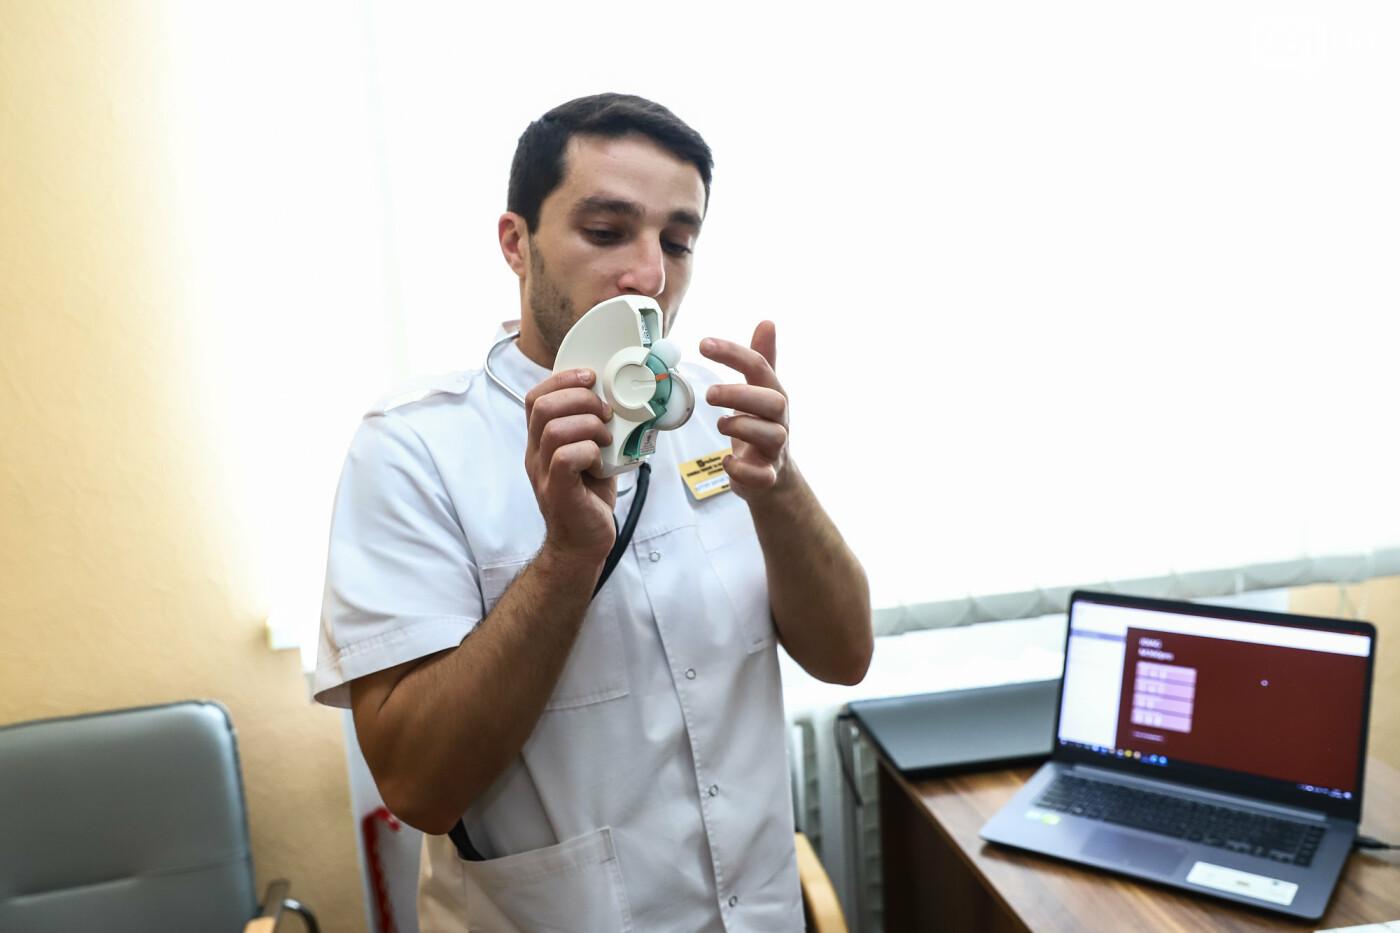 3D-исследование и уникальные тренажеры: как в запорожской клинике OrtoSano лечат болезни позвоночника и суставов, фото-6